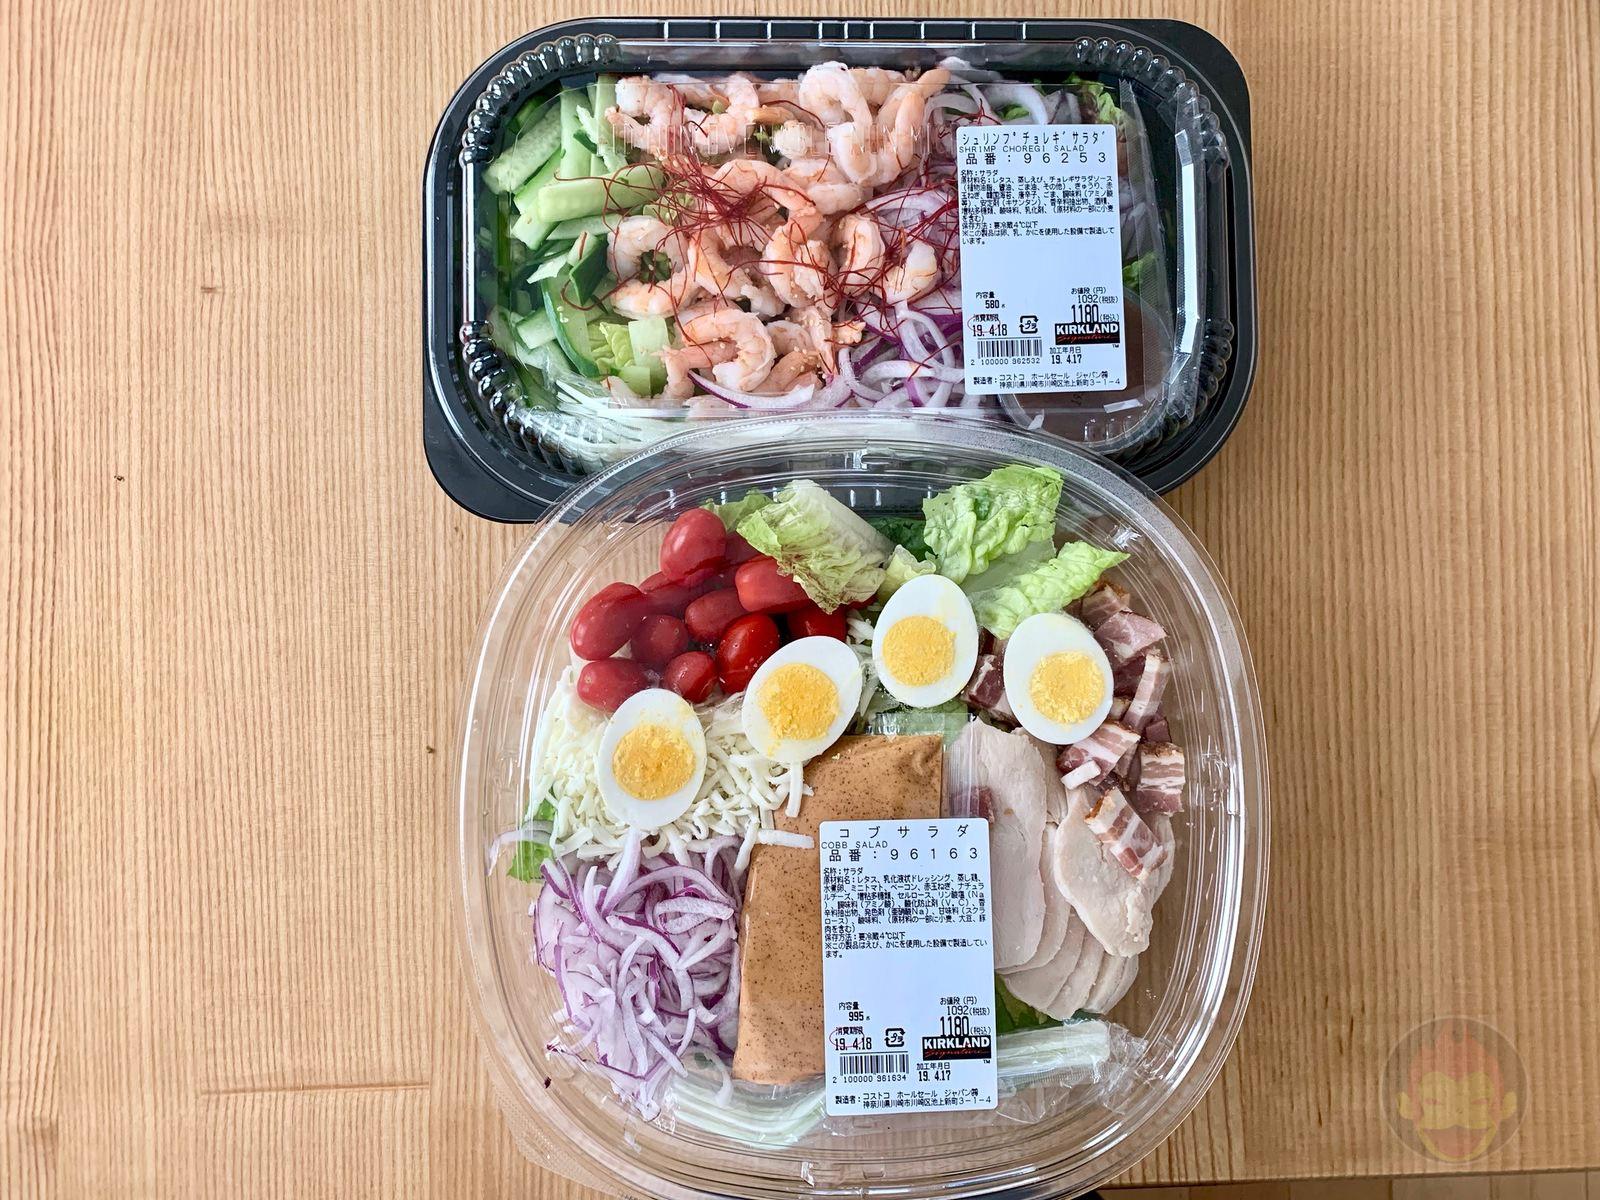 Costco Cobb Salad 10